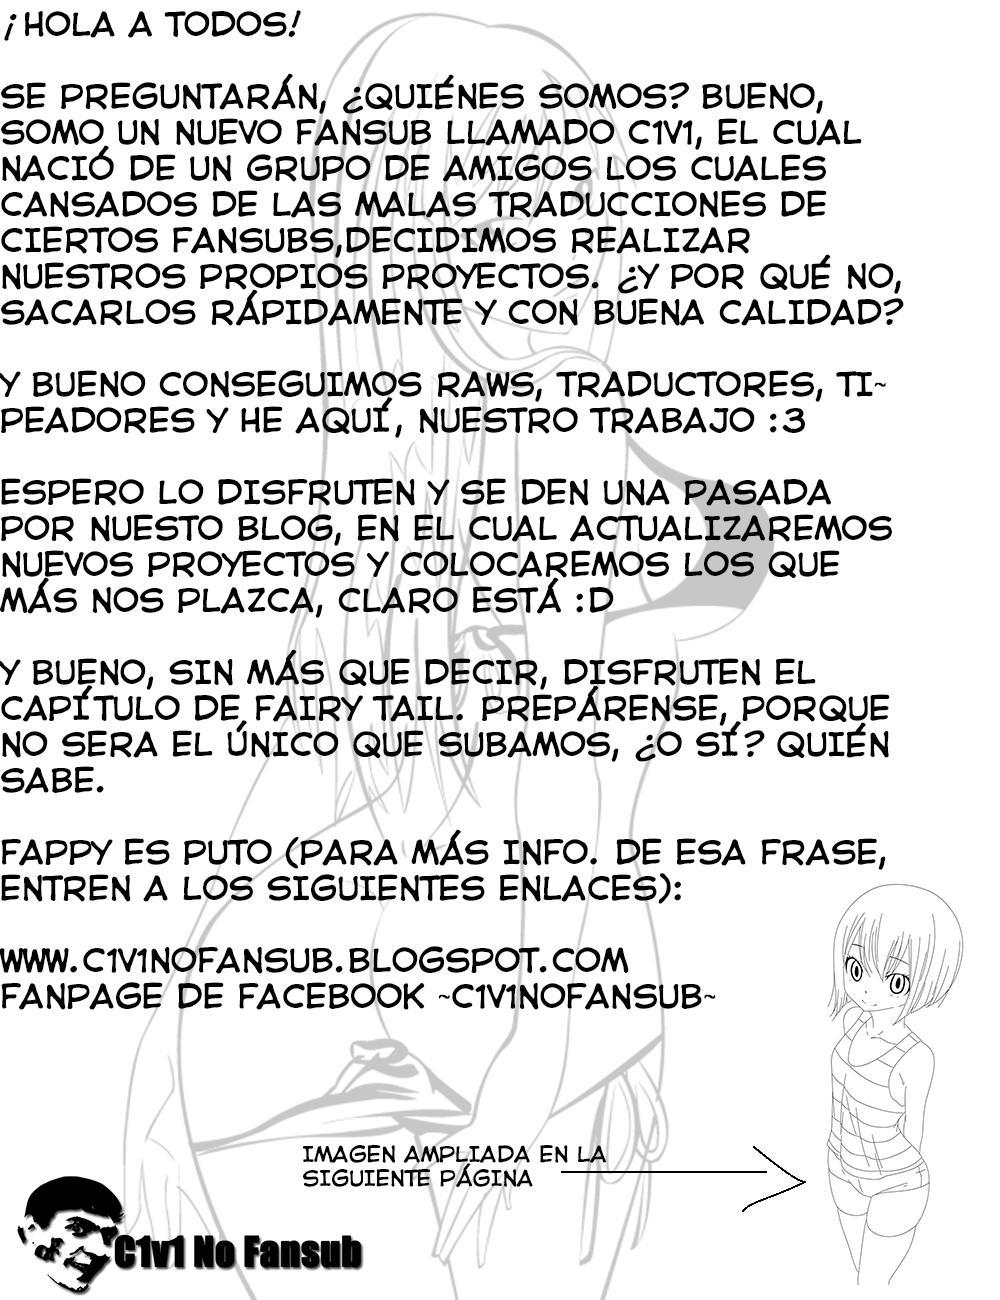 http://c5.ninemanga.com/es_manga/14/78/360791/b4568df26077653eeadf29596708c94b.jpg Page 2